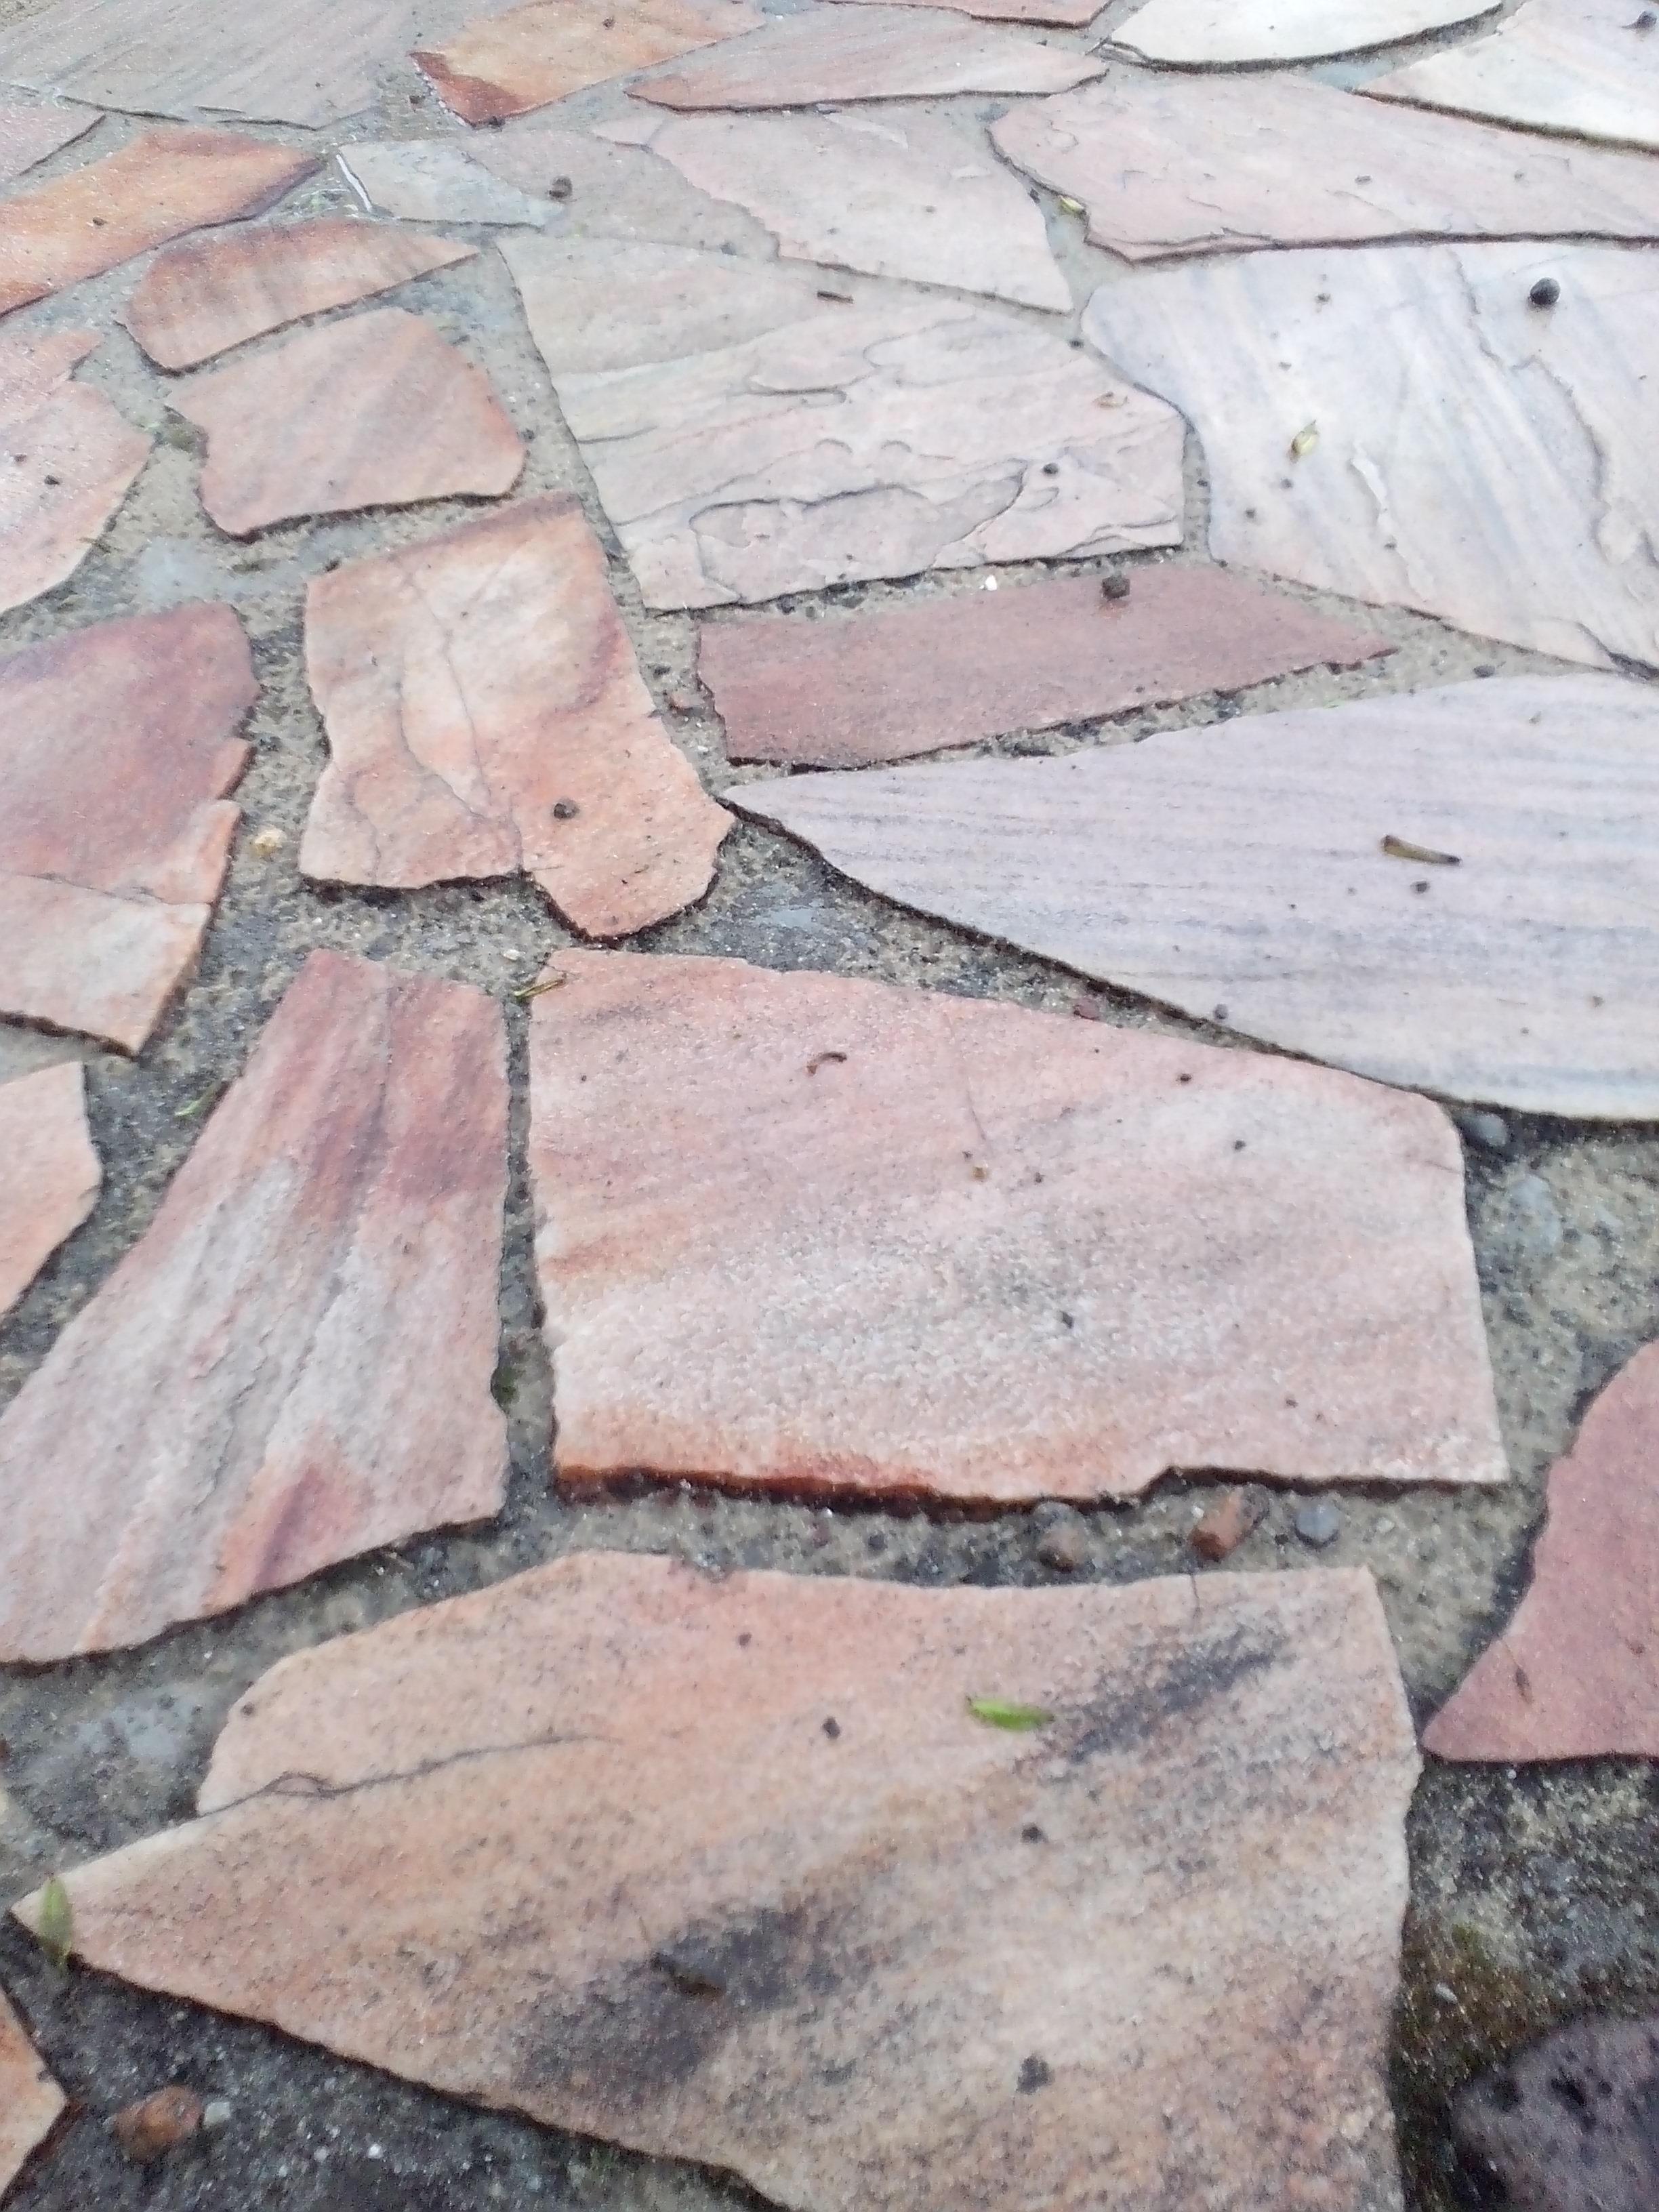 płyty kamienne o nieco jaśniejszej barwie